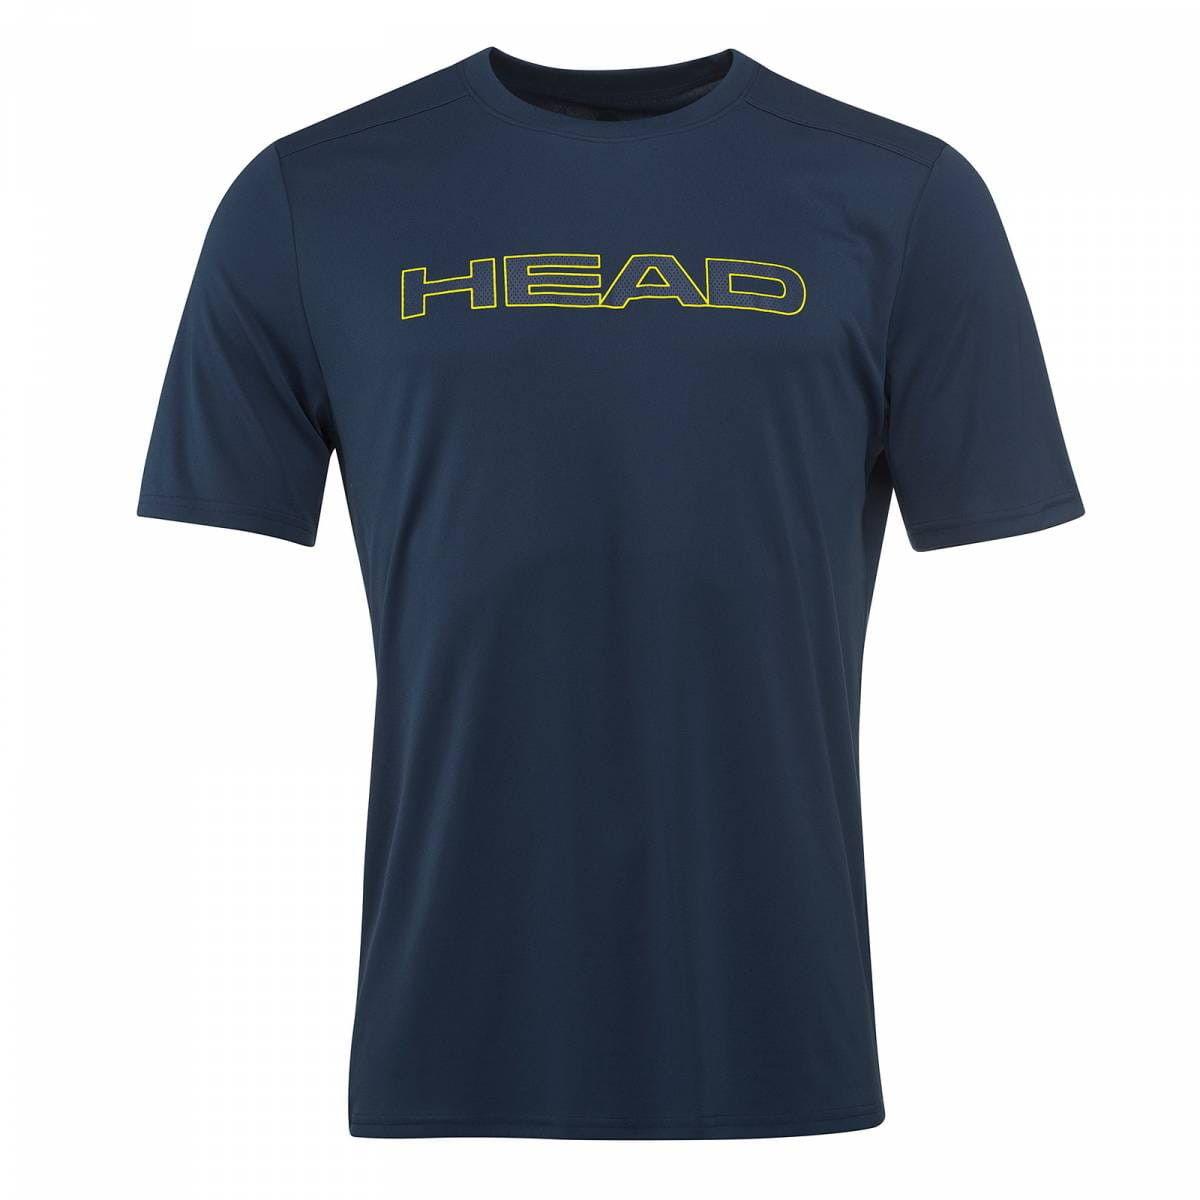 Head Basic Tech T-Shirt - navy